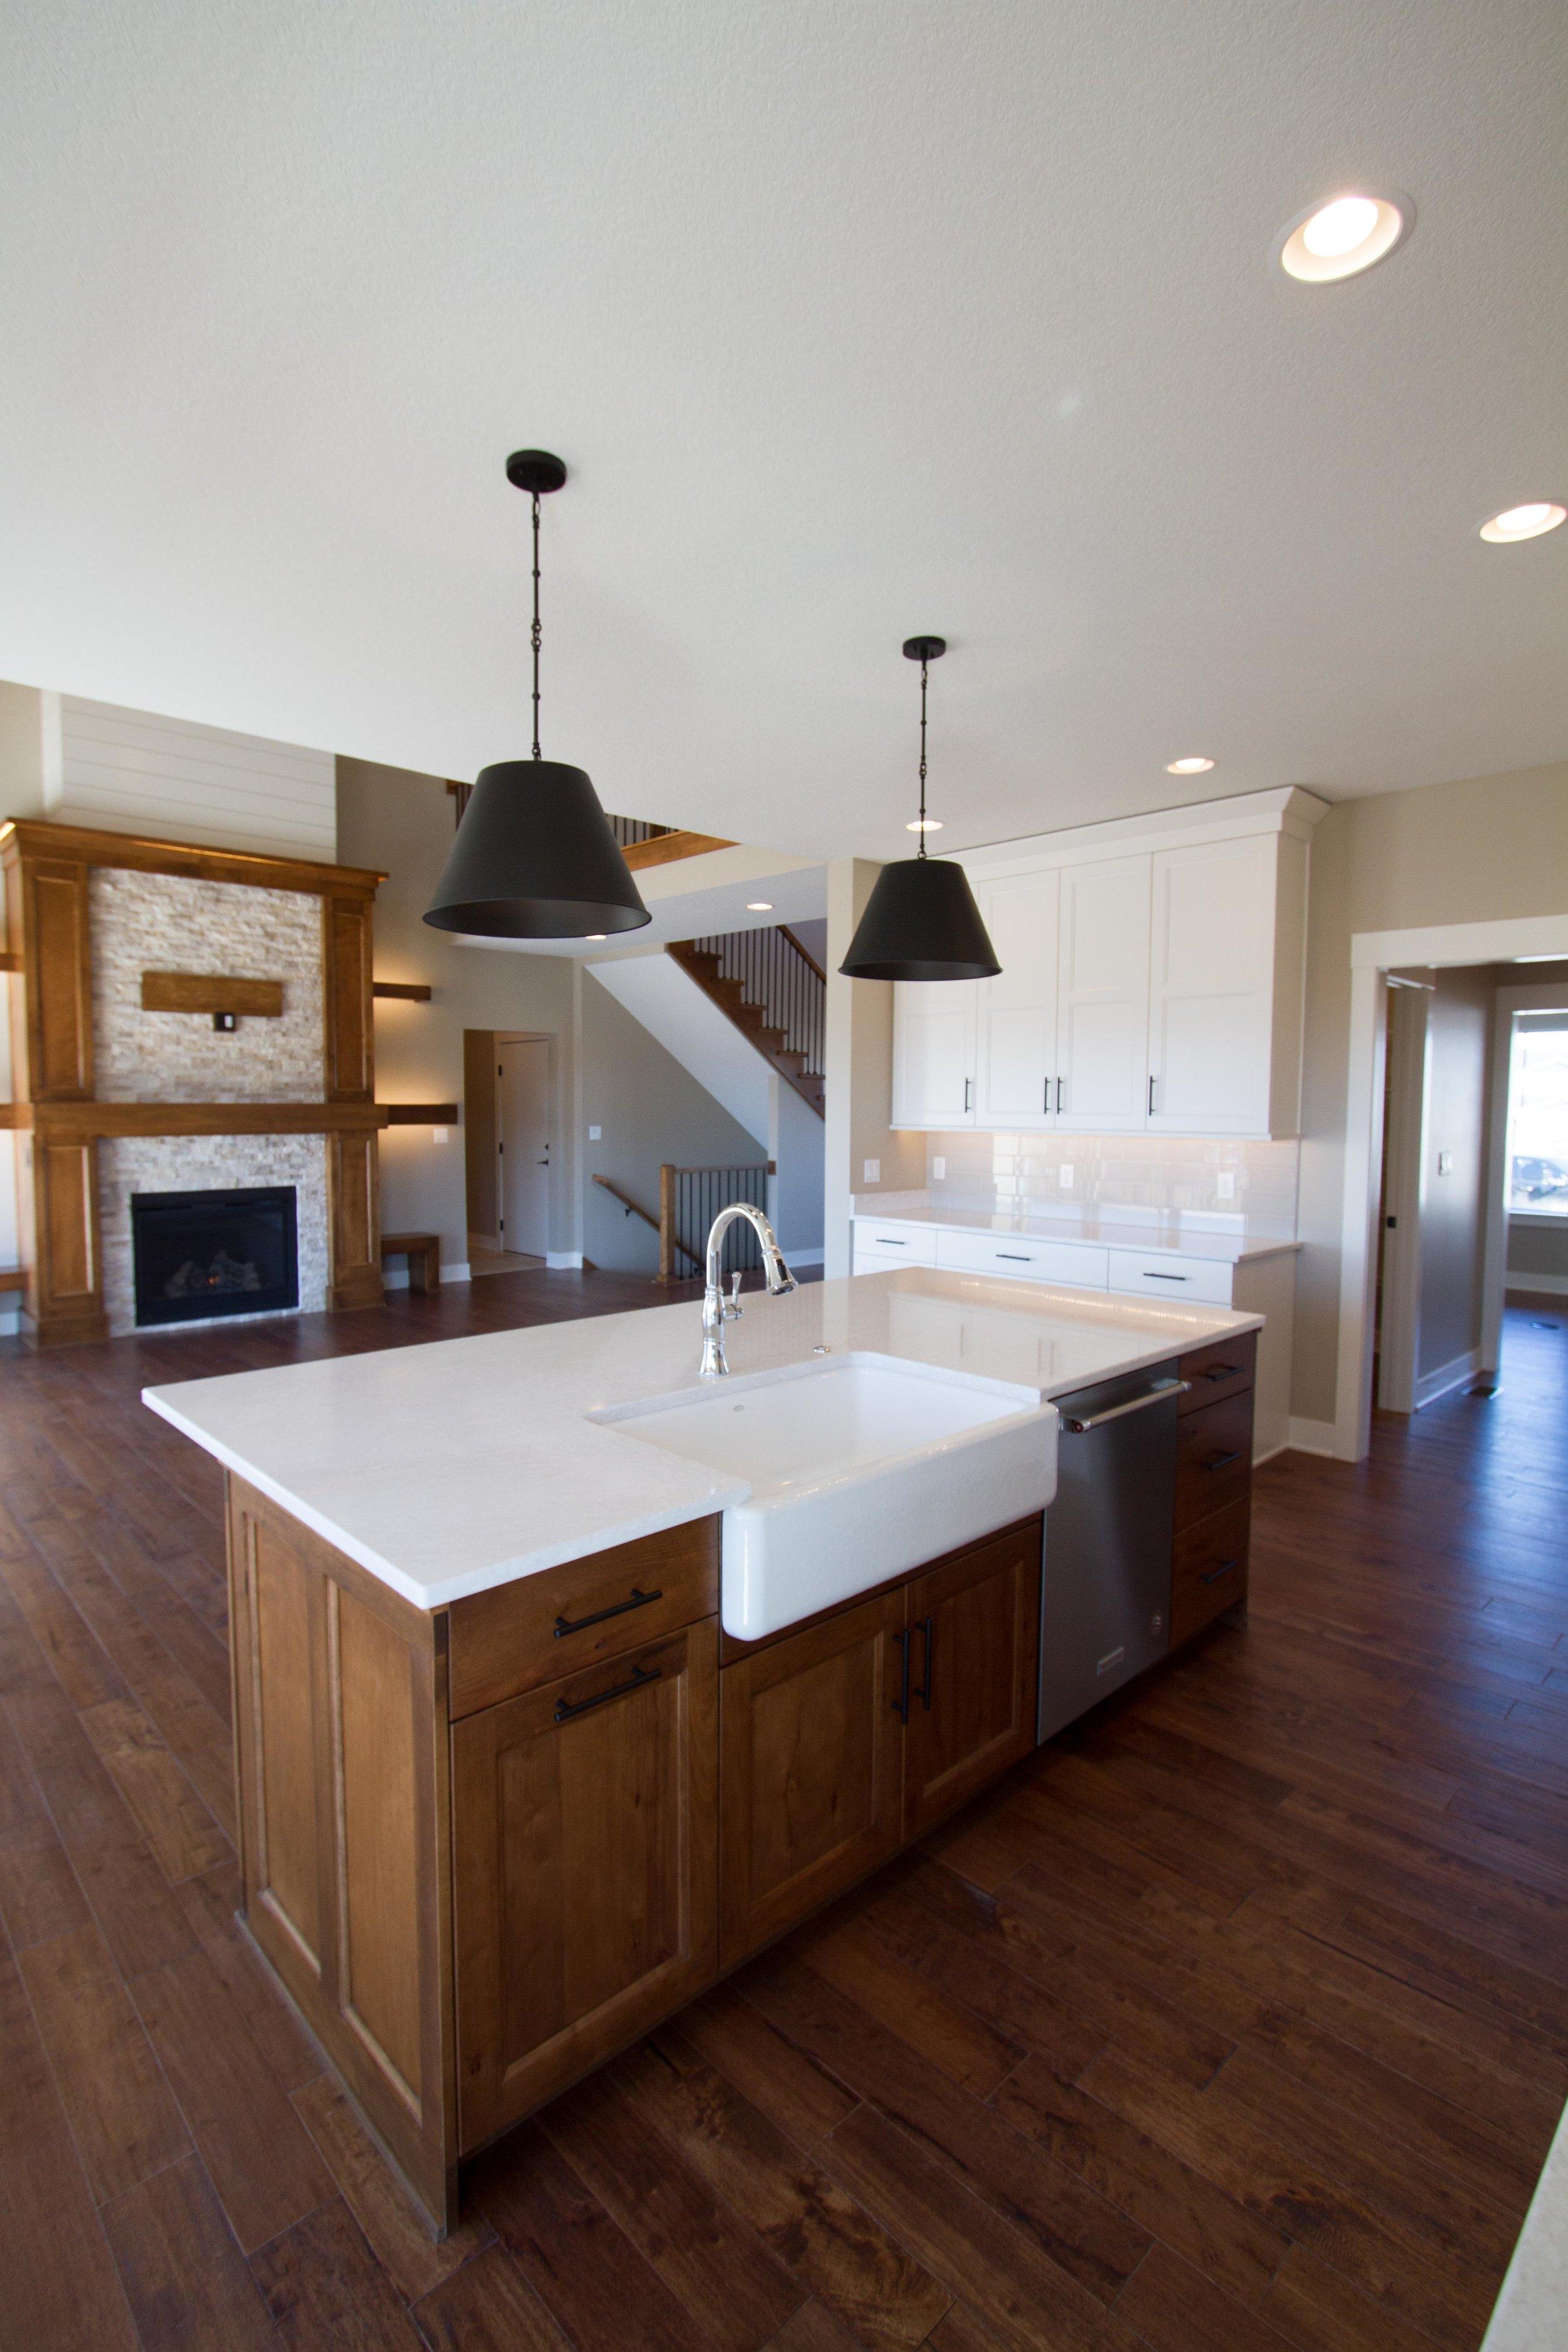 Next_Step_Homes-Kitchen-6.jpg